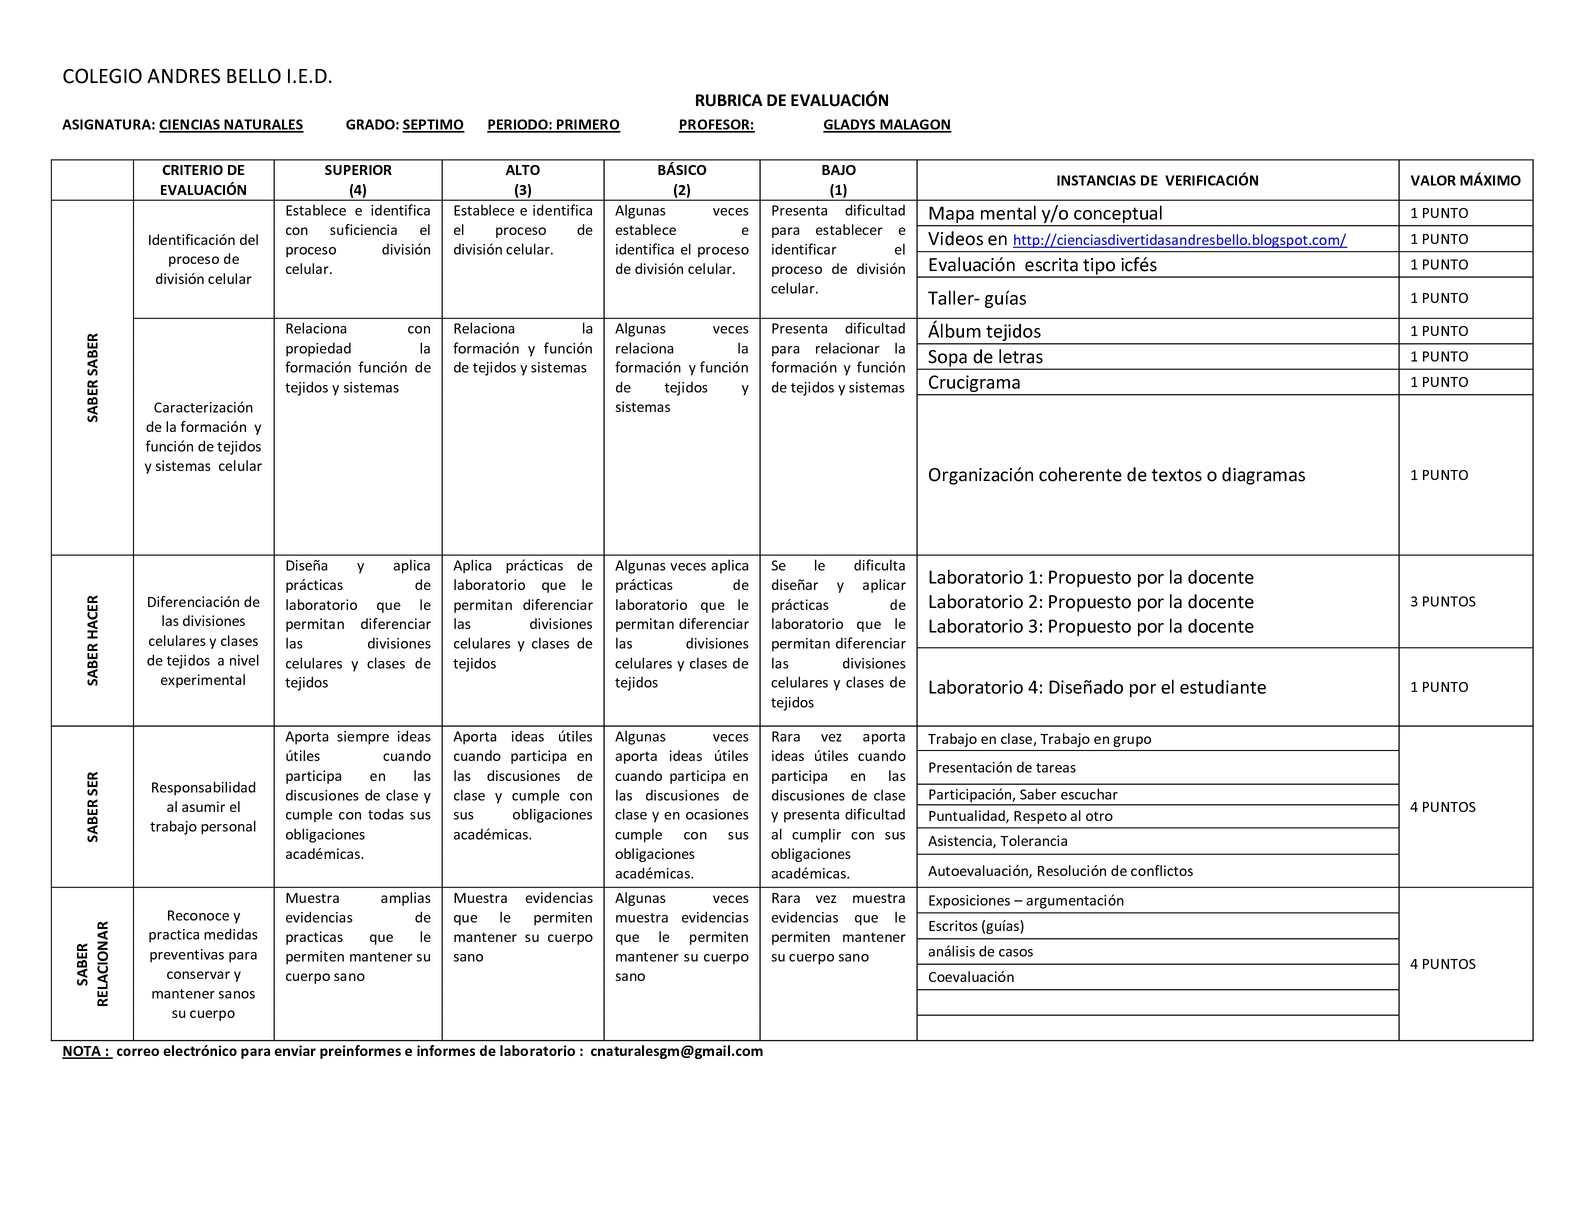 Calaméo - Docente: Gladis Malagon, rubrica para el grado septimo